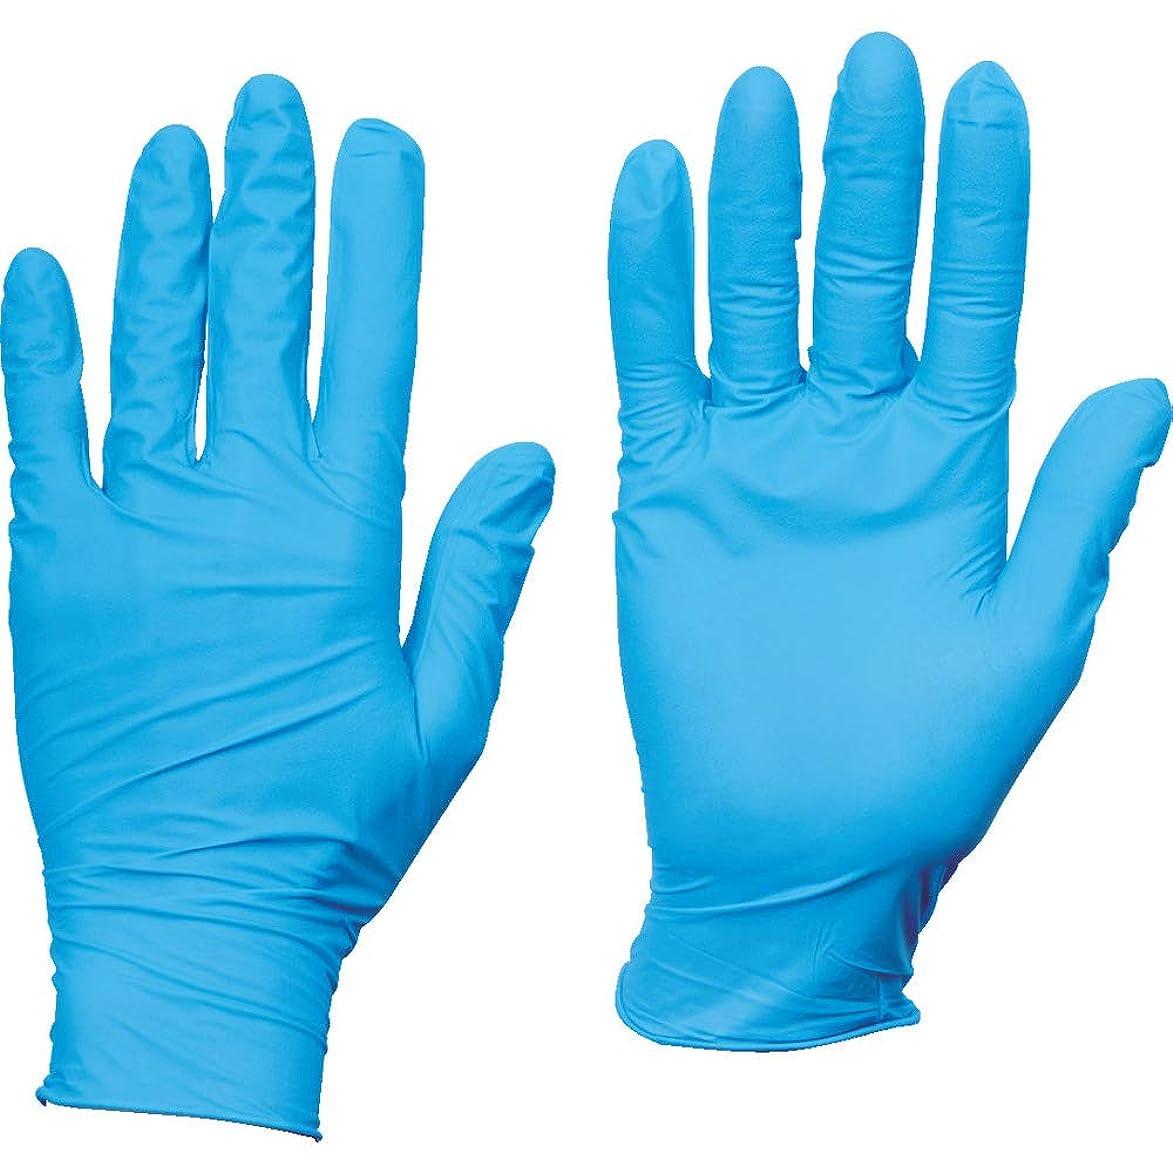 ディプロマシリンダー調査TRUSCO(トラスコ) 10箱入り使い捨てニトリル手袋TGスタンダード0.08粉無青M TGNN08BM10C